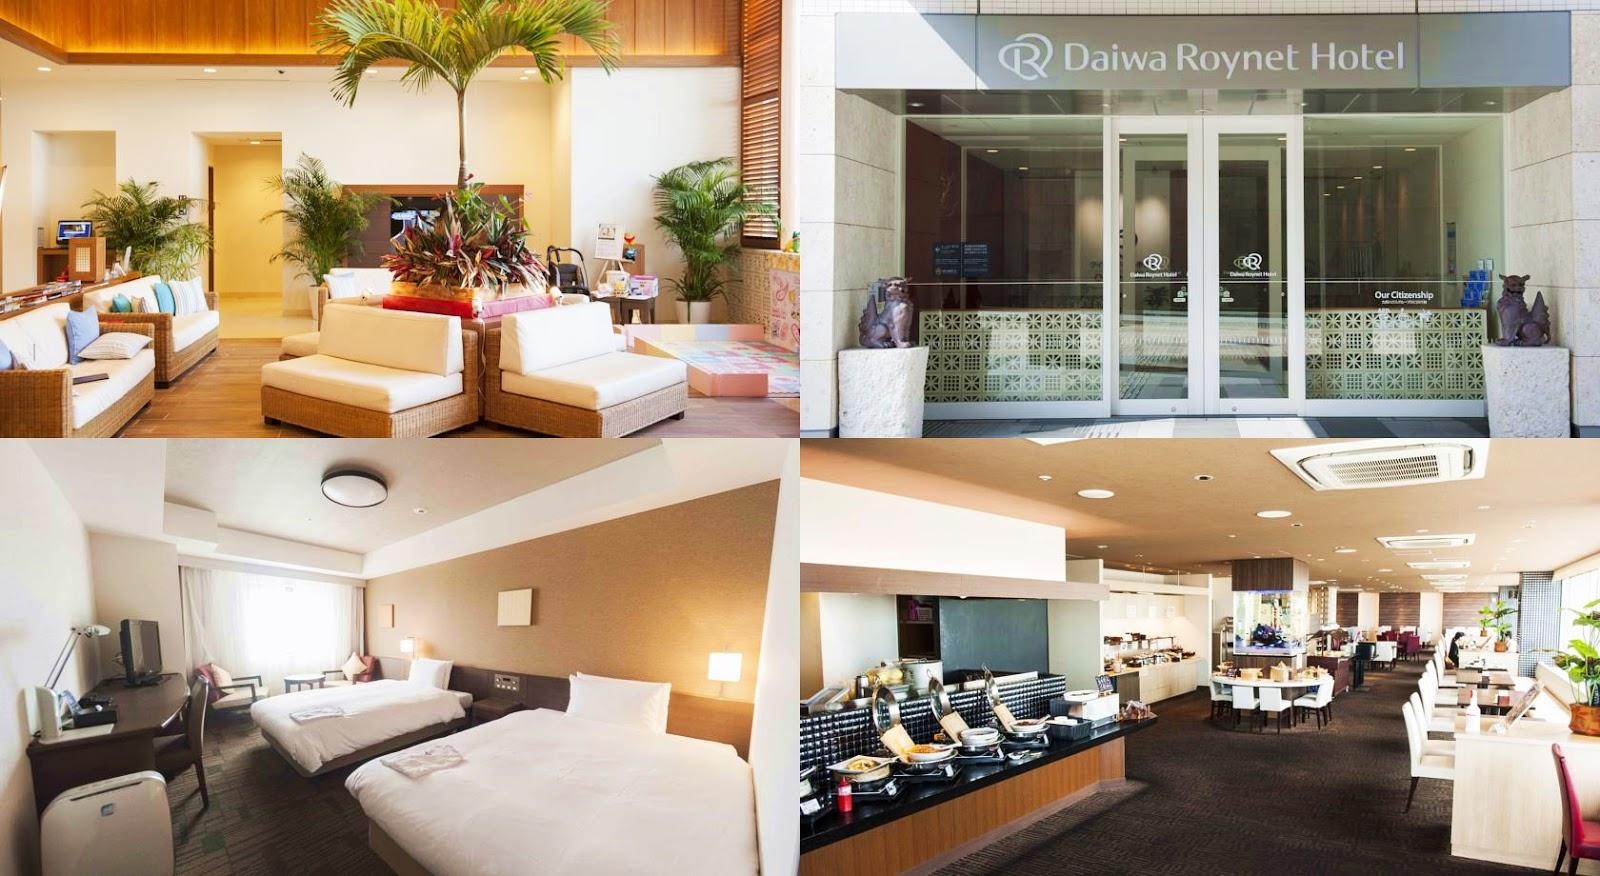 沖繩-住宿-推薦-飯店-旅館-民宿-公寓-那霸-歌町大和ROYNET酒店-Daiwa-Roynet-Hotel-Naha-Omoromachi-Okinawa-hotel-recommendation